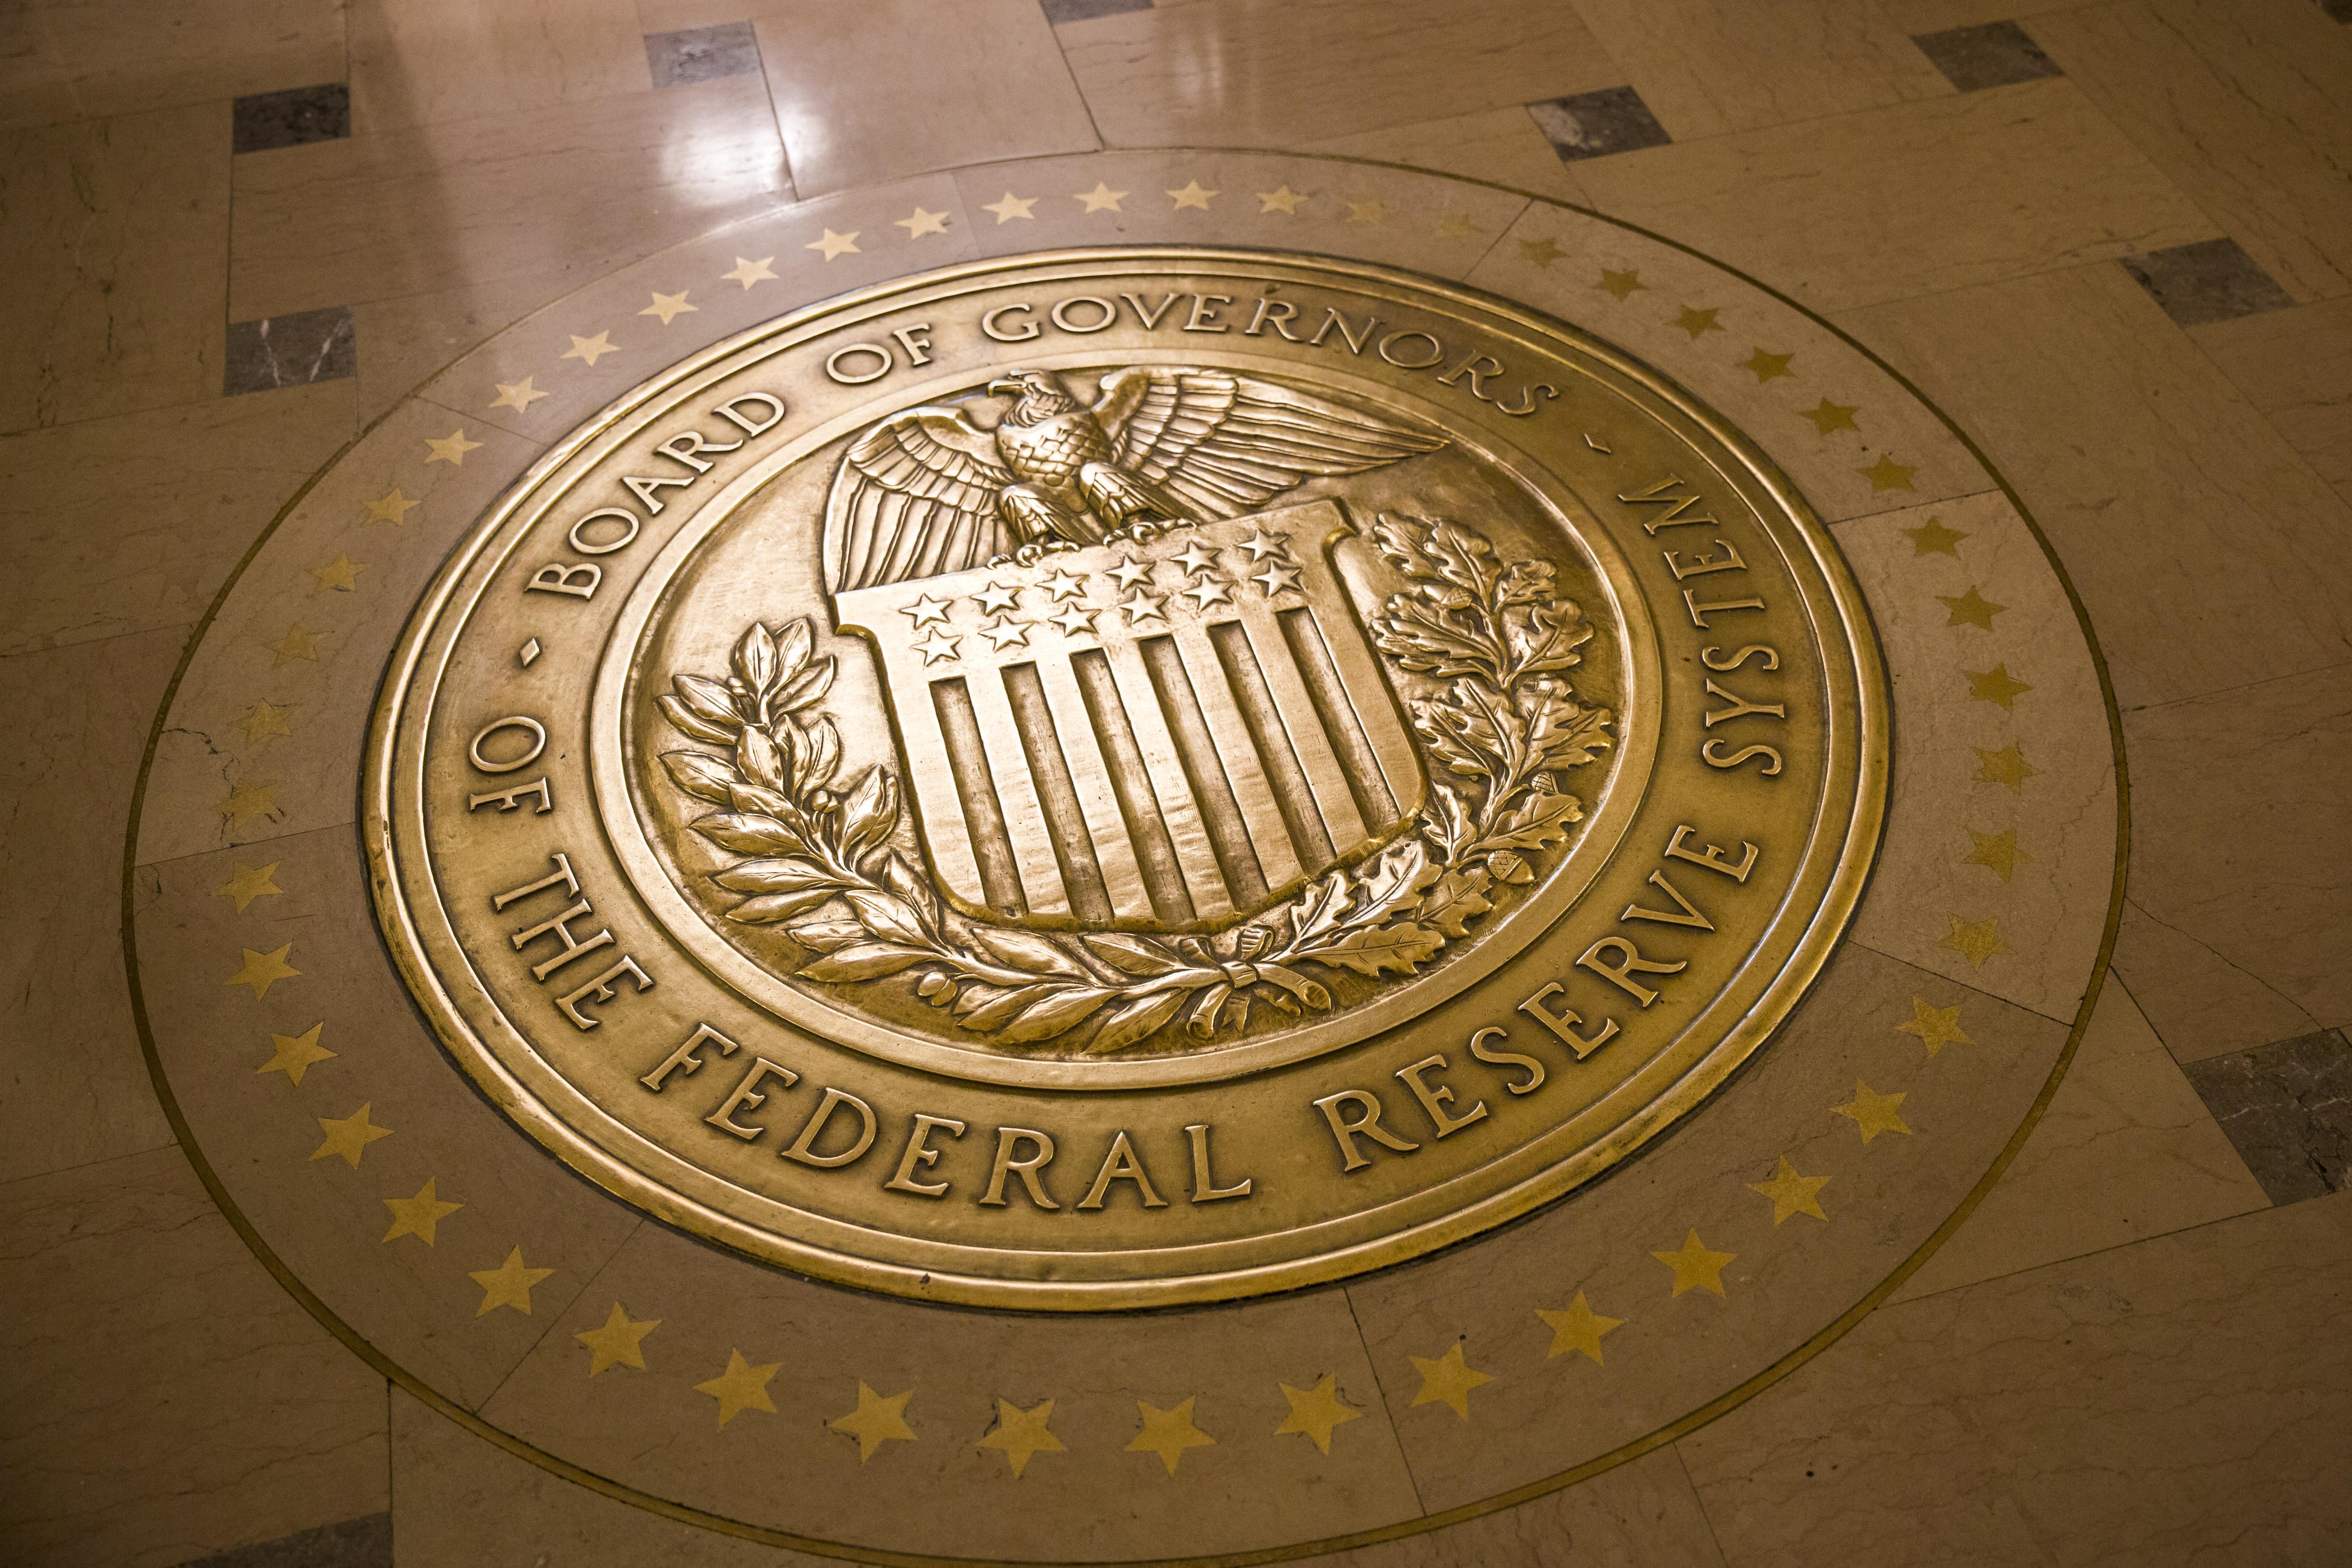 4aef65f0-d925-11e7-84a9-ebd1a5f3769a_Federal-Reserve